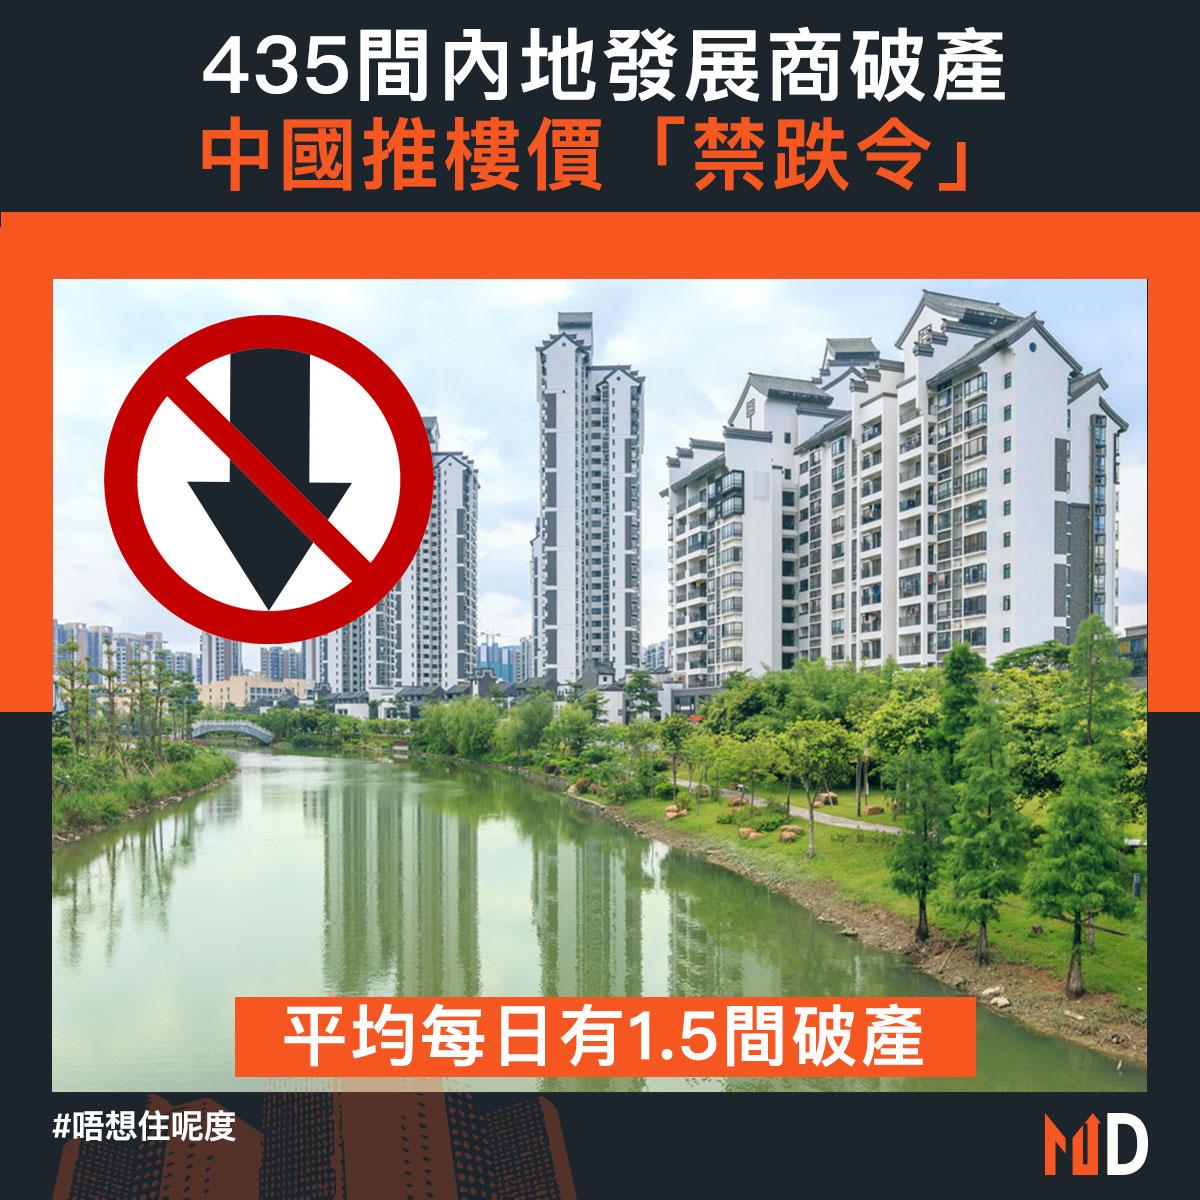 【唔想住呢度】435間內地發展商破產 中國推樓價「禁跌令」